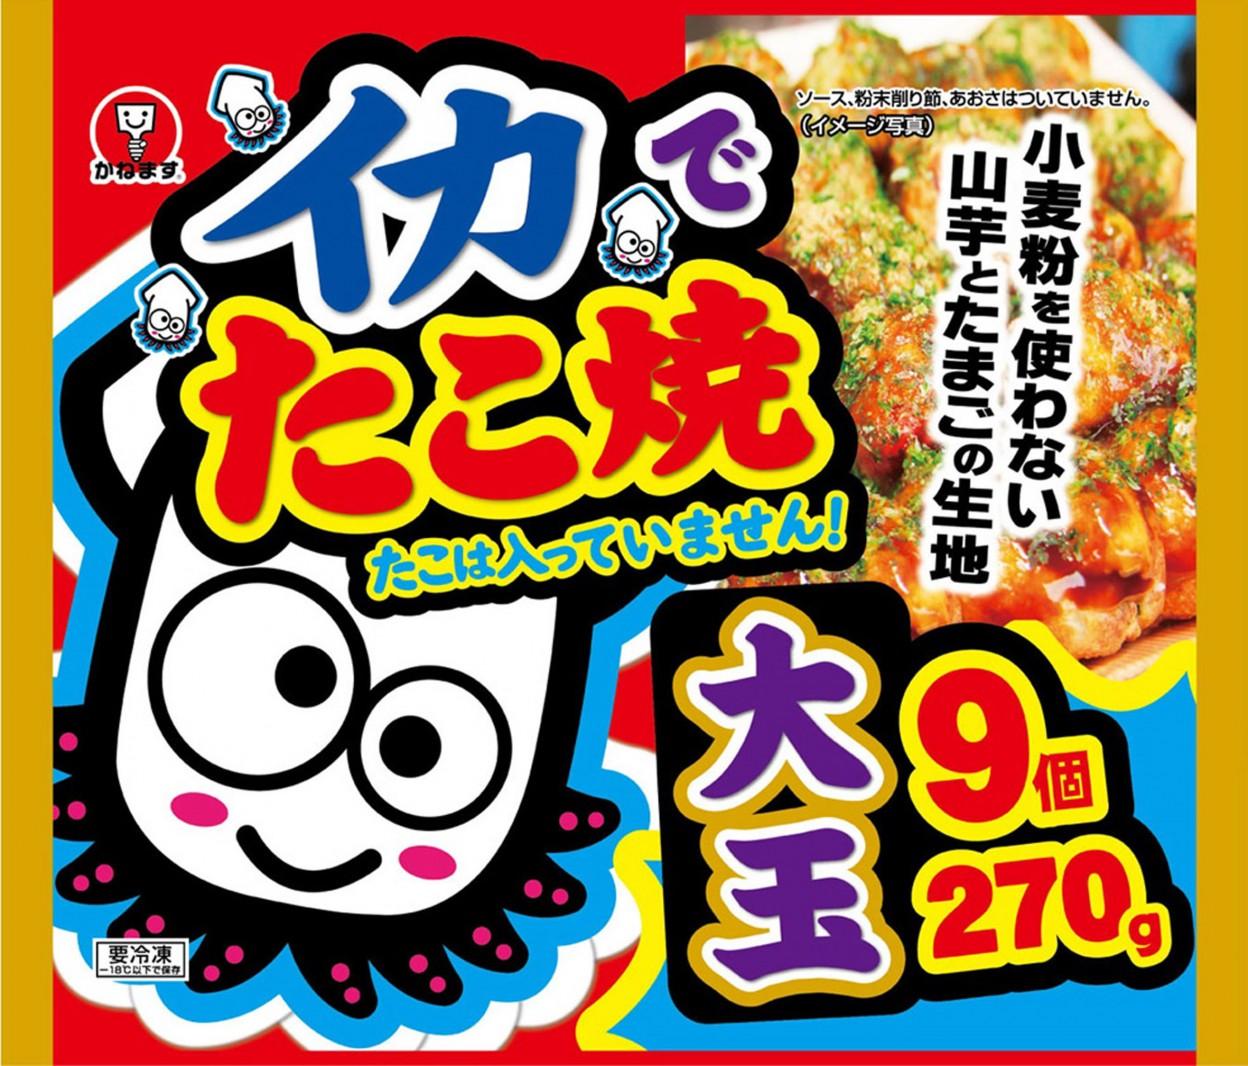 かねます食品、新商品「イカでたこ焼」?、新シリーズは「でか!」い!!